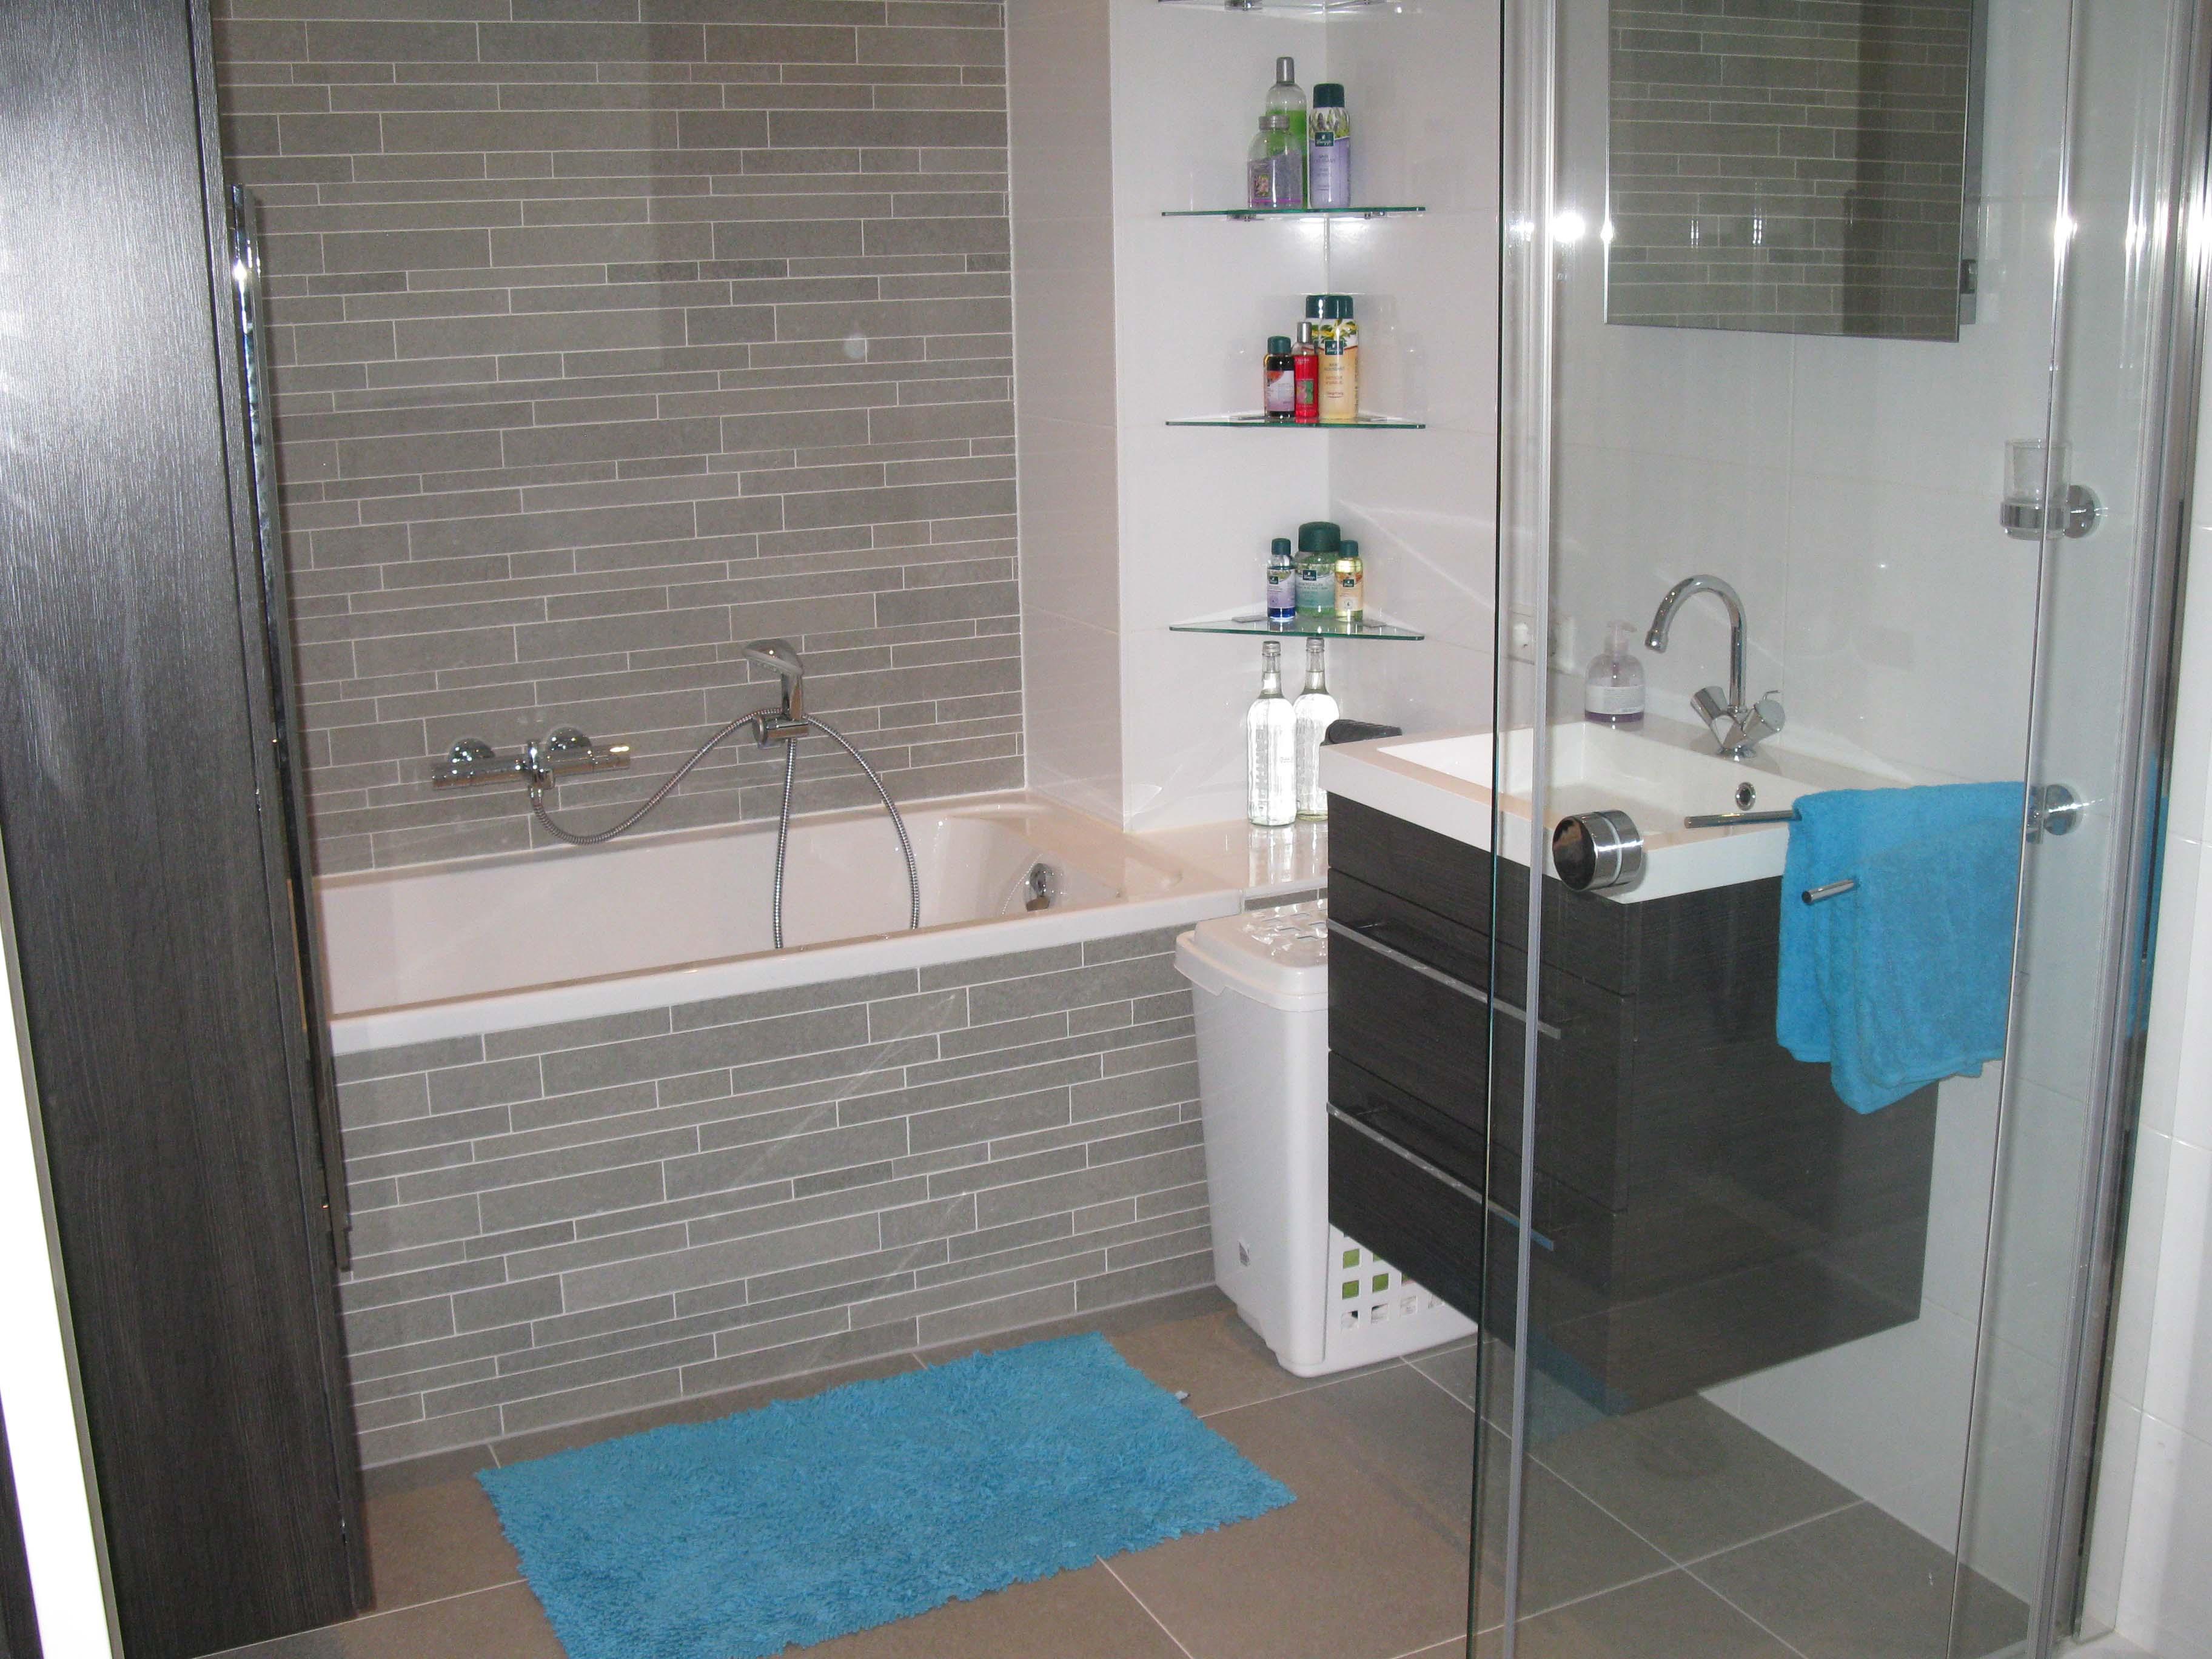 Badkamers dick van der wilt montage for Installatie badkamer